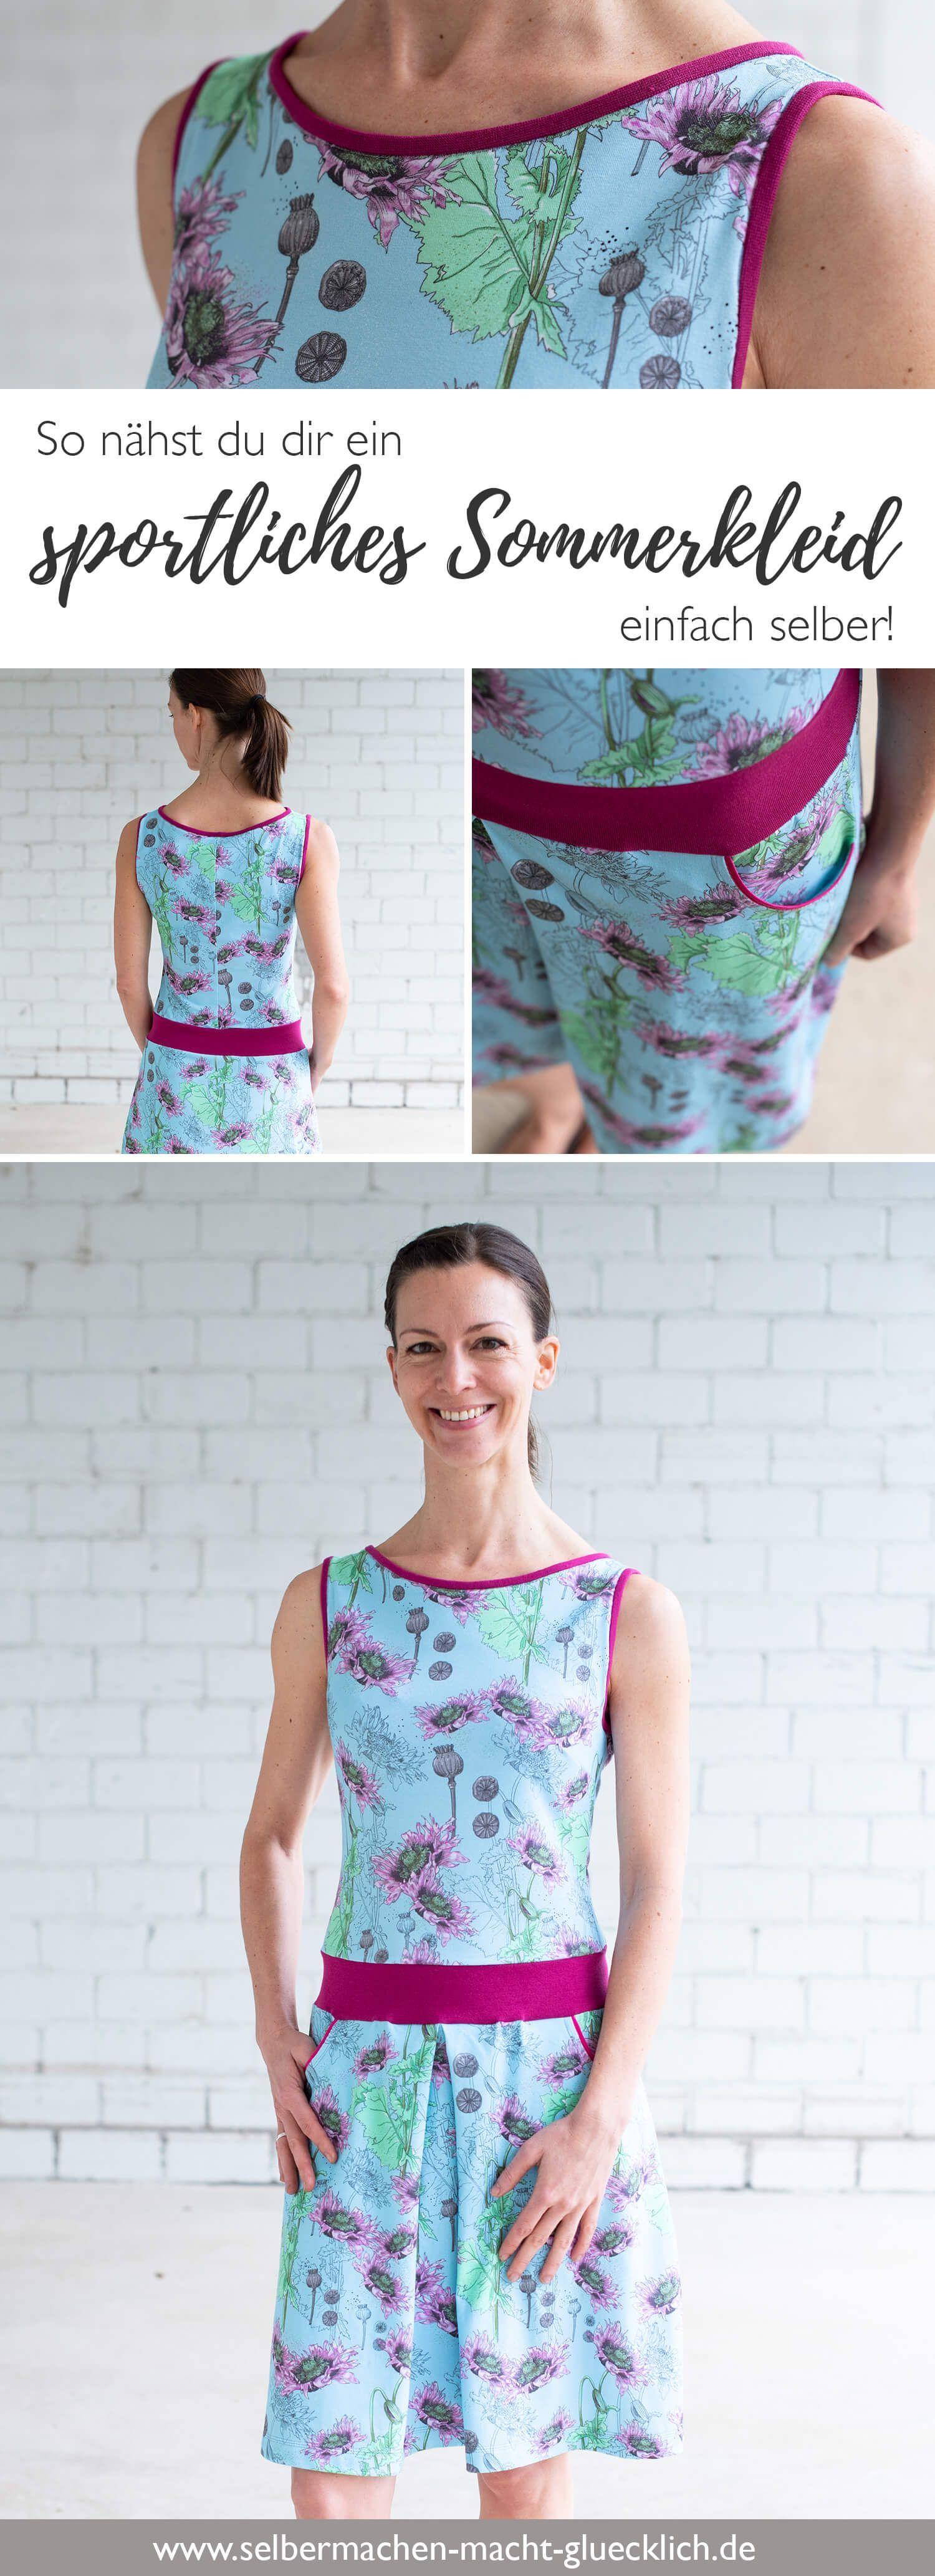 So nähst du ein sportliches Sommerkleid! - Selbermachen macht glücklich #summerdresses